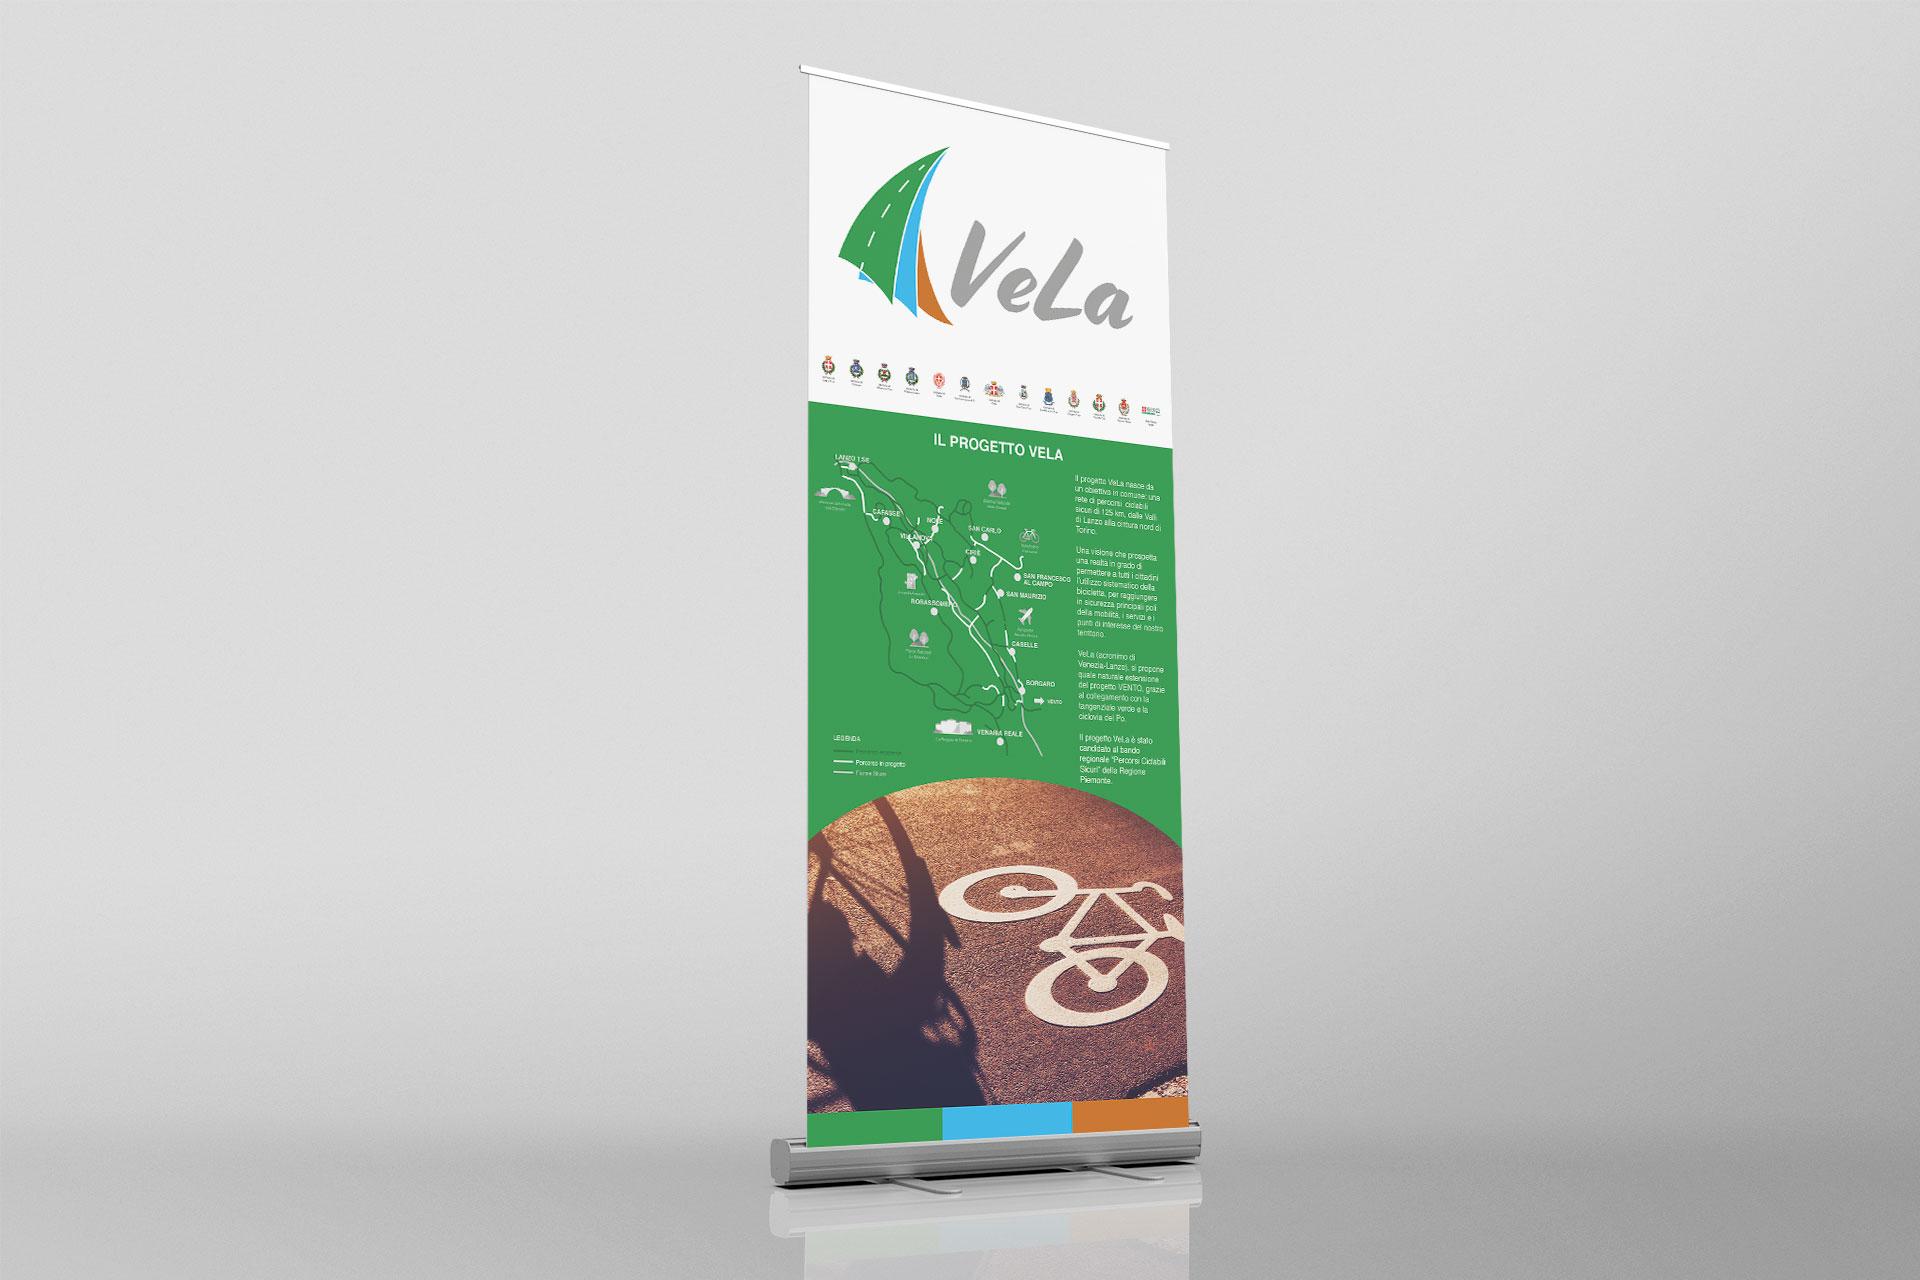 Vela_rollup_logo